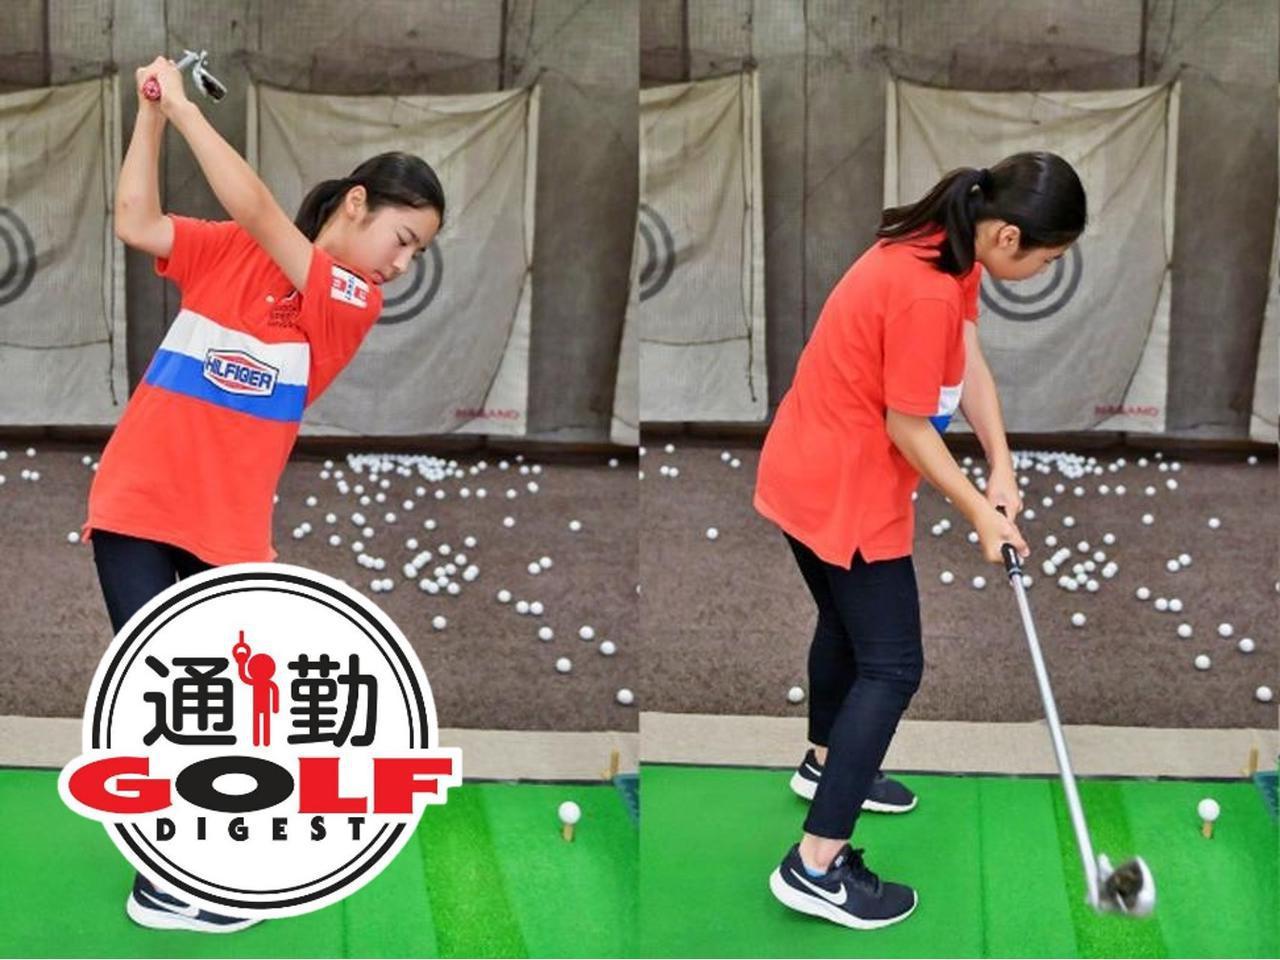 画像: 【通勤GD】時松隆光プロを育てた異次元打法「みんなの桜美式」Vol.31 クラブも「分担型」で考える ゴルフダイジェストWEB - ゴルフへ行こうWEB by ゴルフダイジェスト